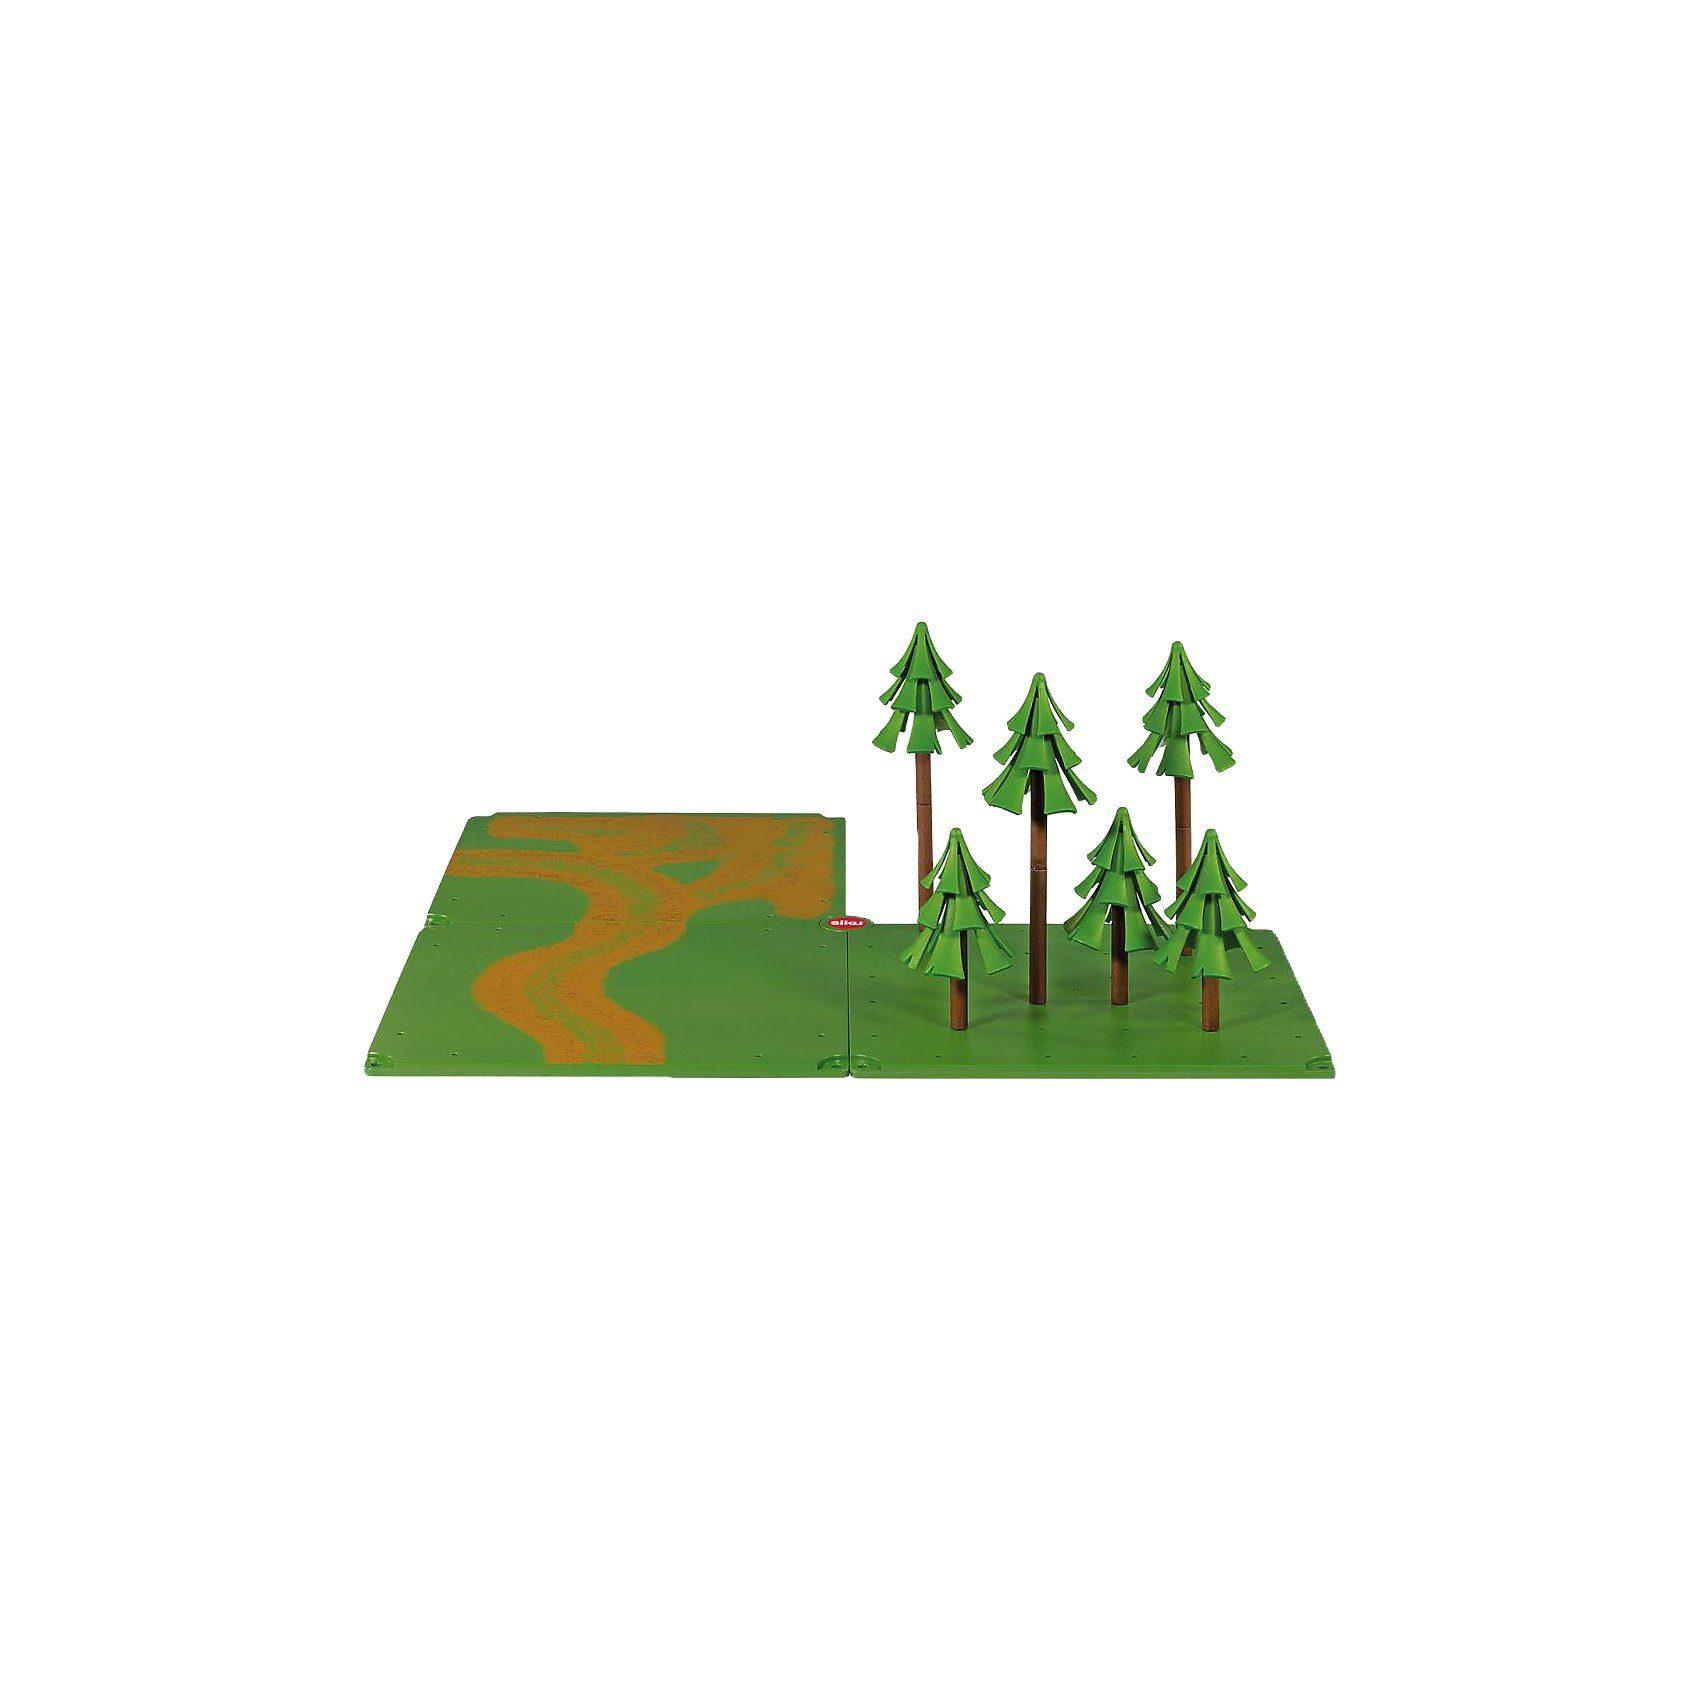 SIKU 5699 World Zubehör Feldwege und Wald 1:50